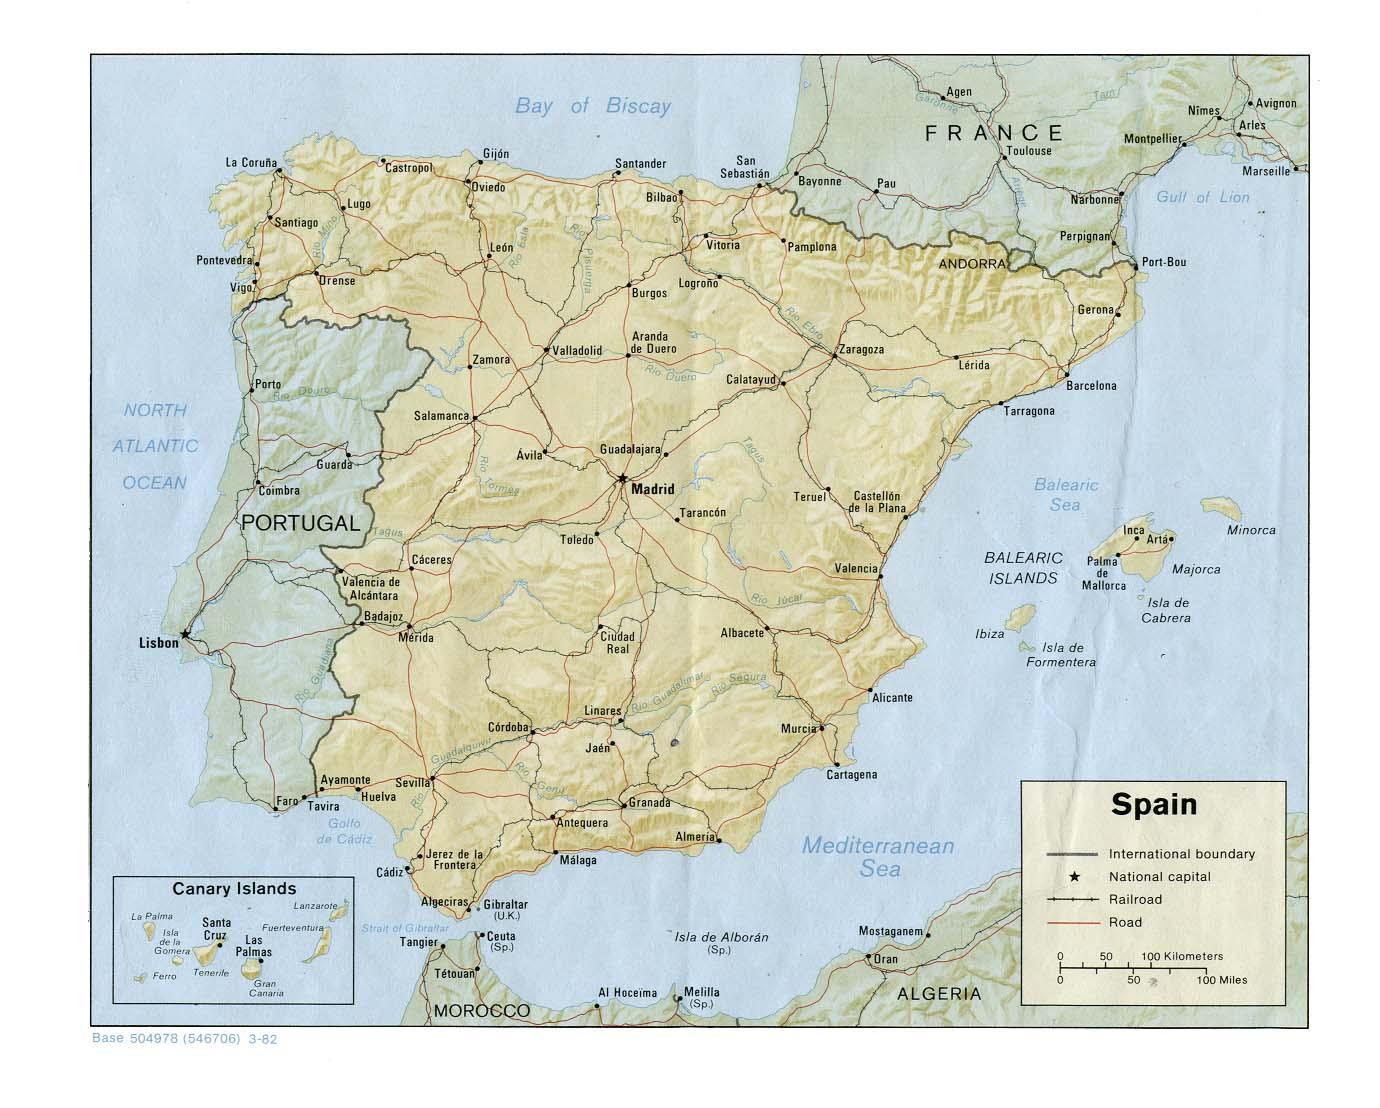 Carte géopolitique de l'Espagne